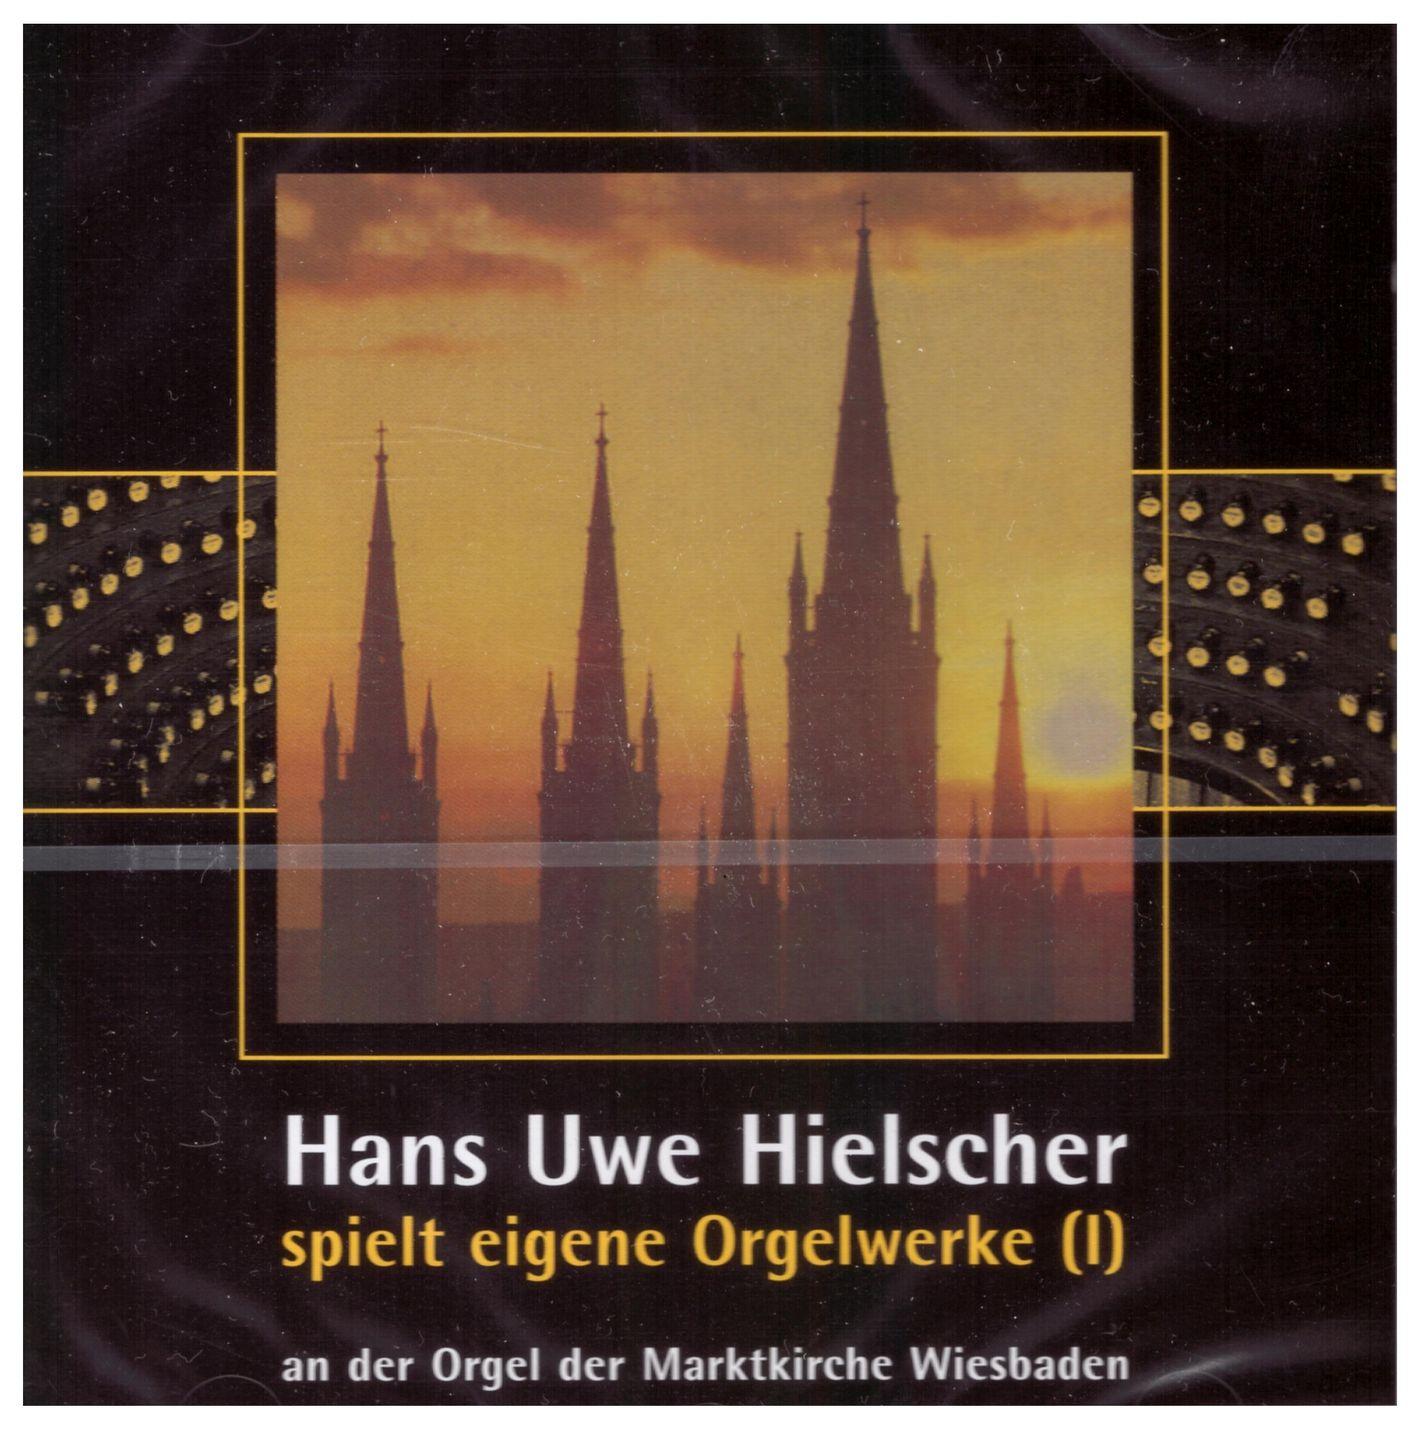 Hans Uwe Hielscher spielt eigene Orgelwerke (I)